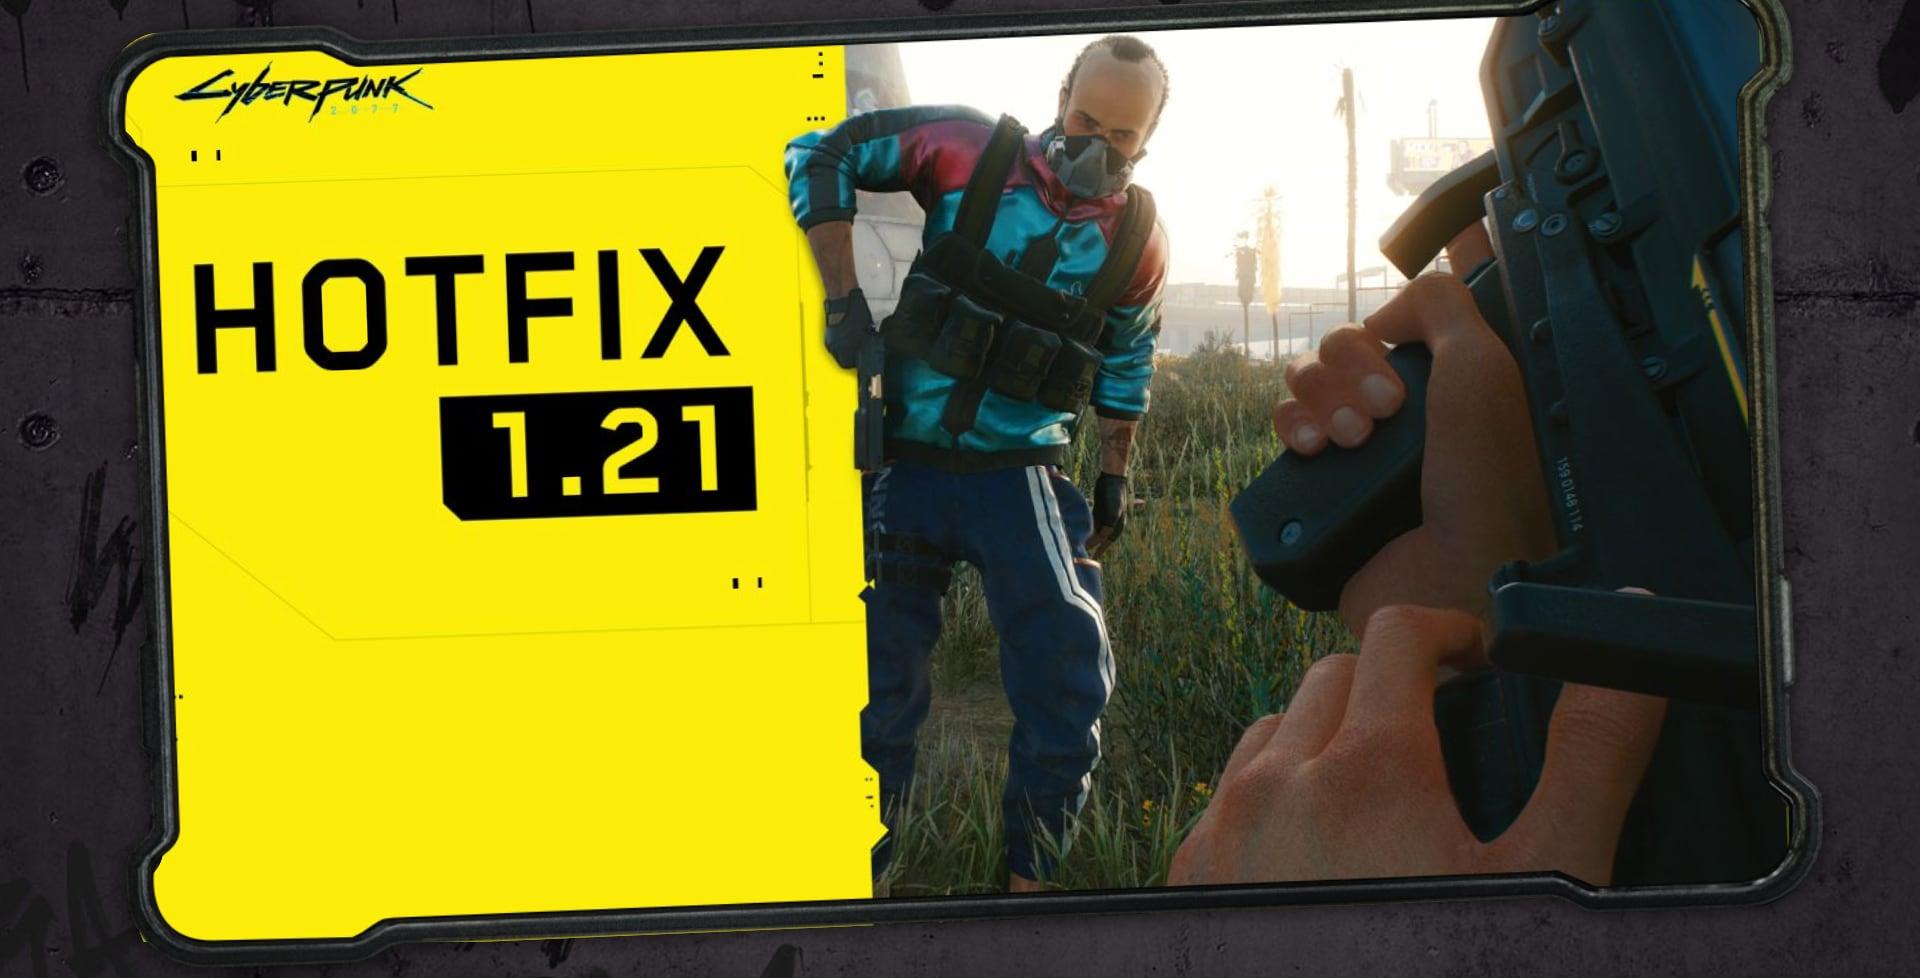 Cyberpunk 2077 riceve l'hotfix 1.21 che apporta vari miglioramenti e correzioni